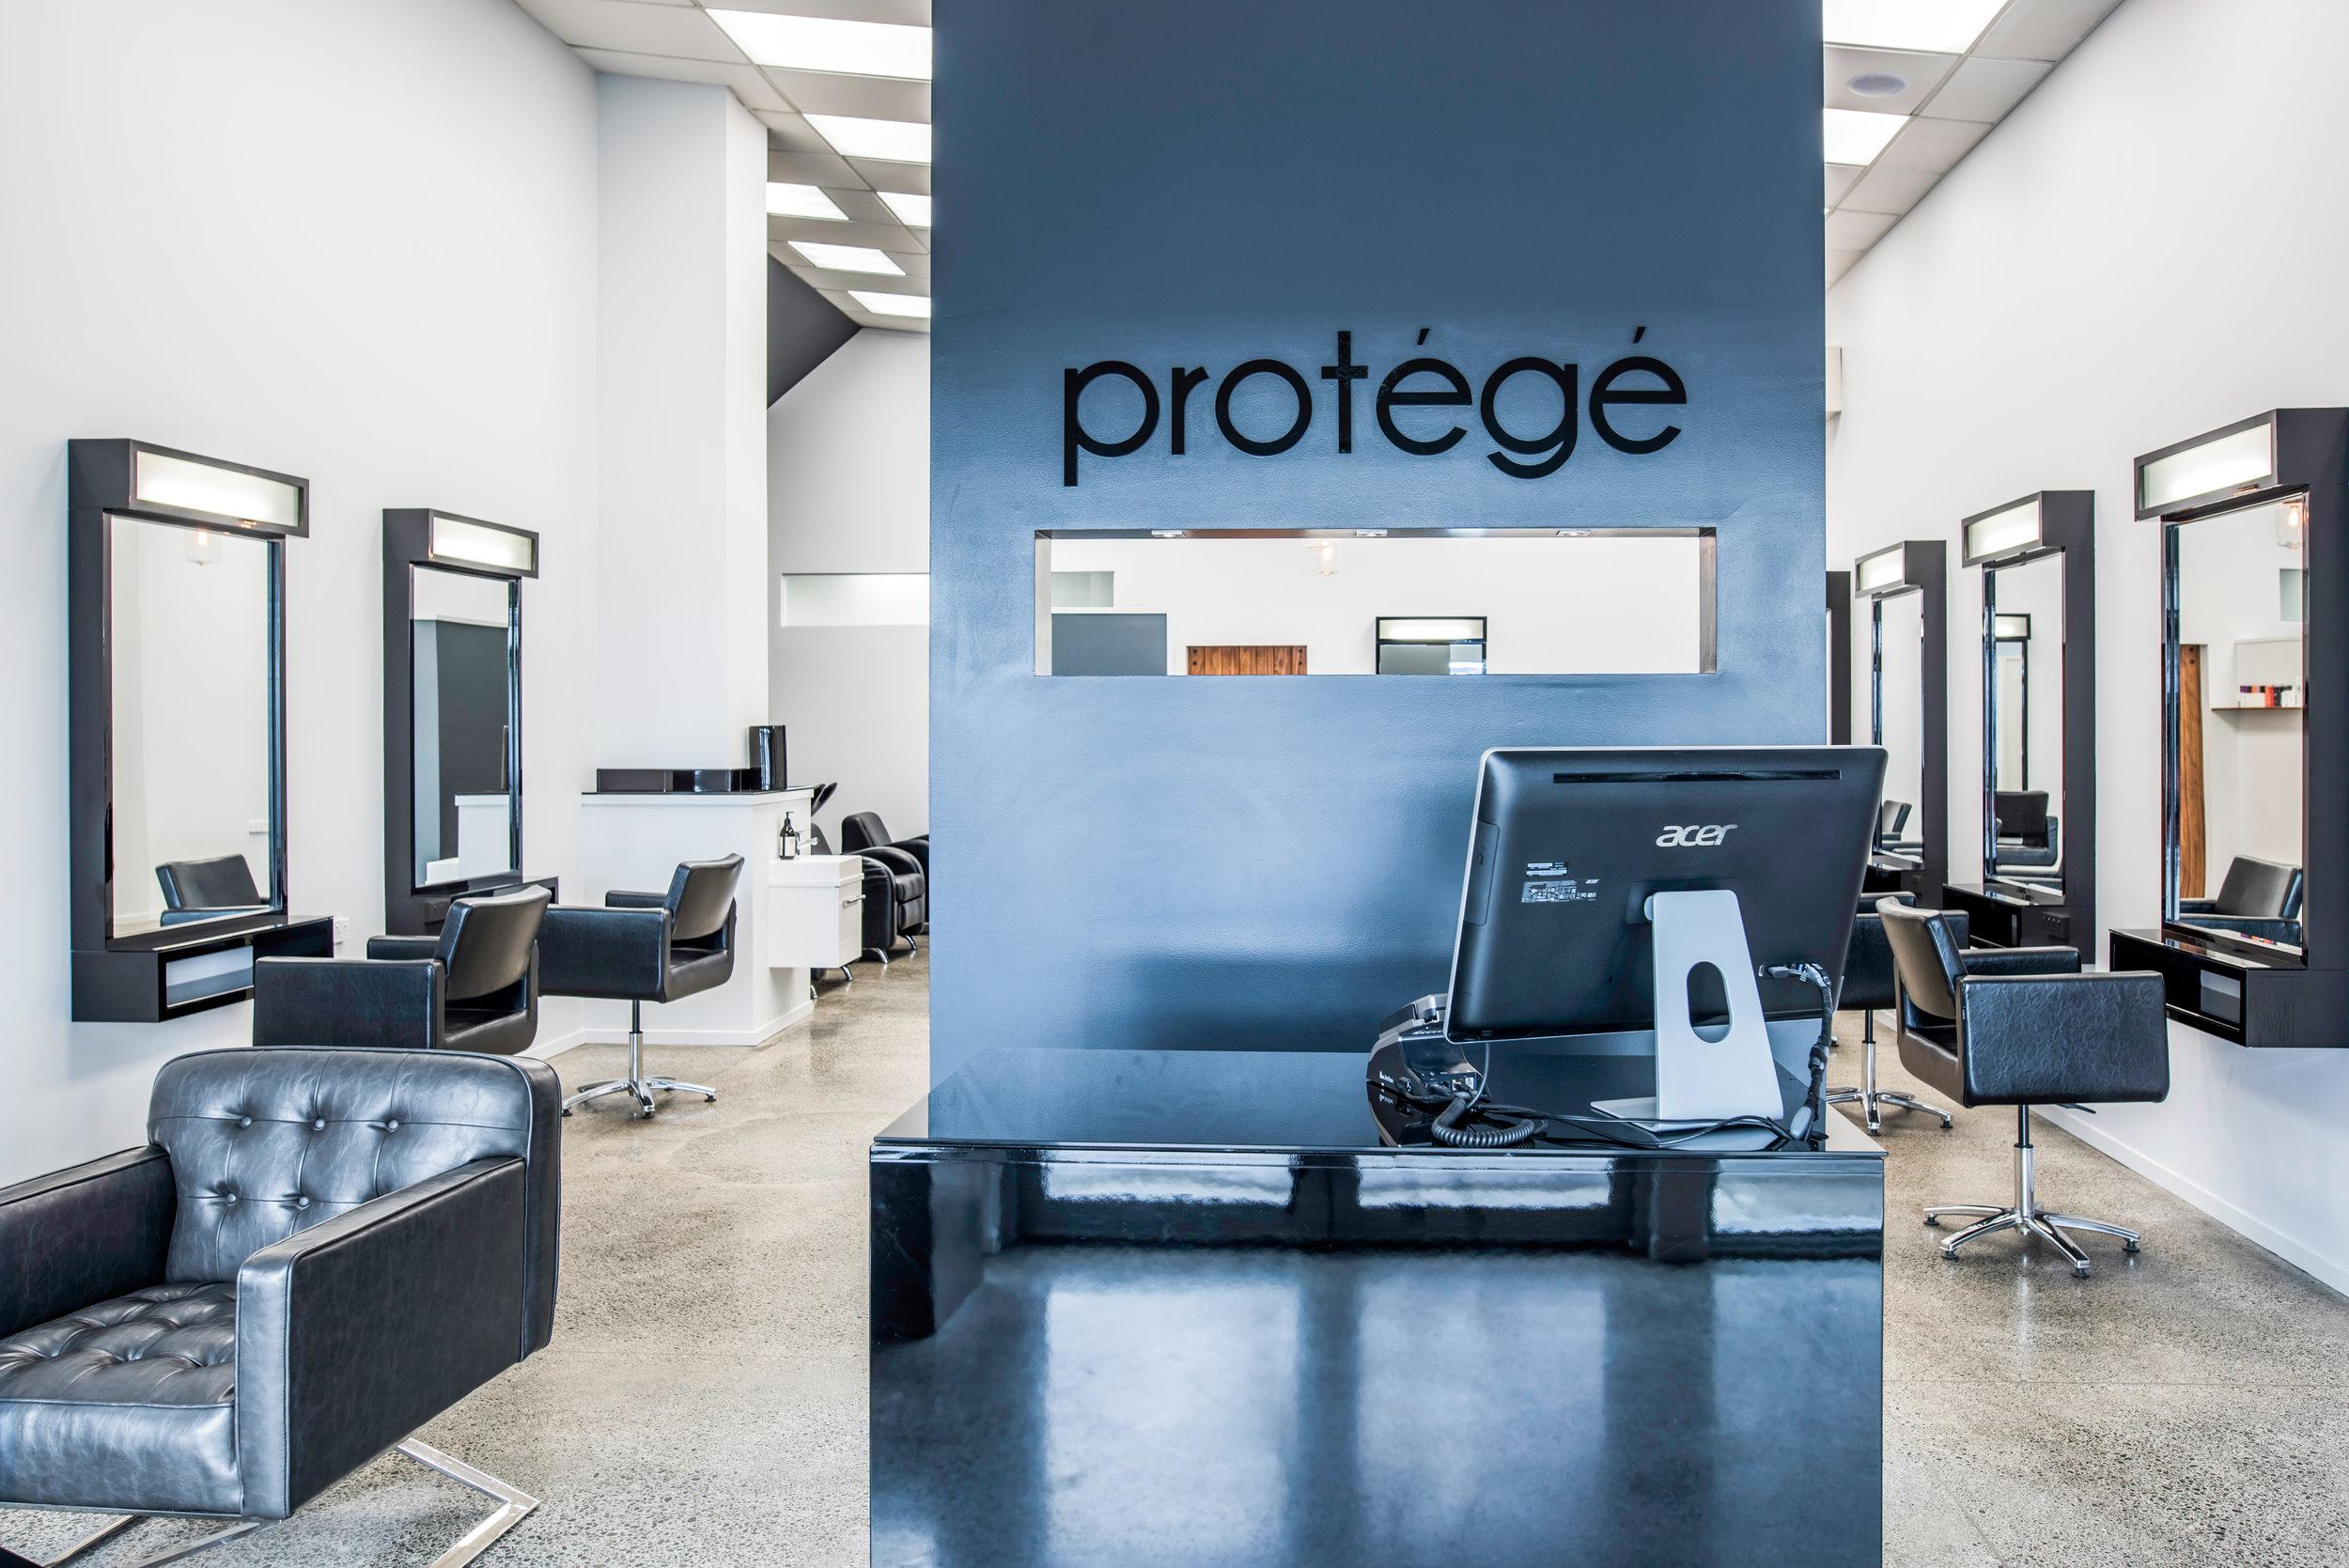 Protege Salon Images 2017 (6).jpg